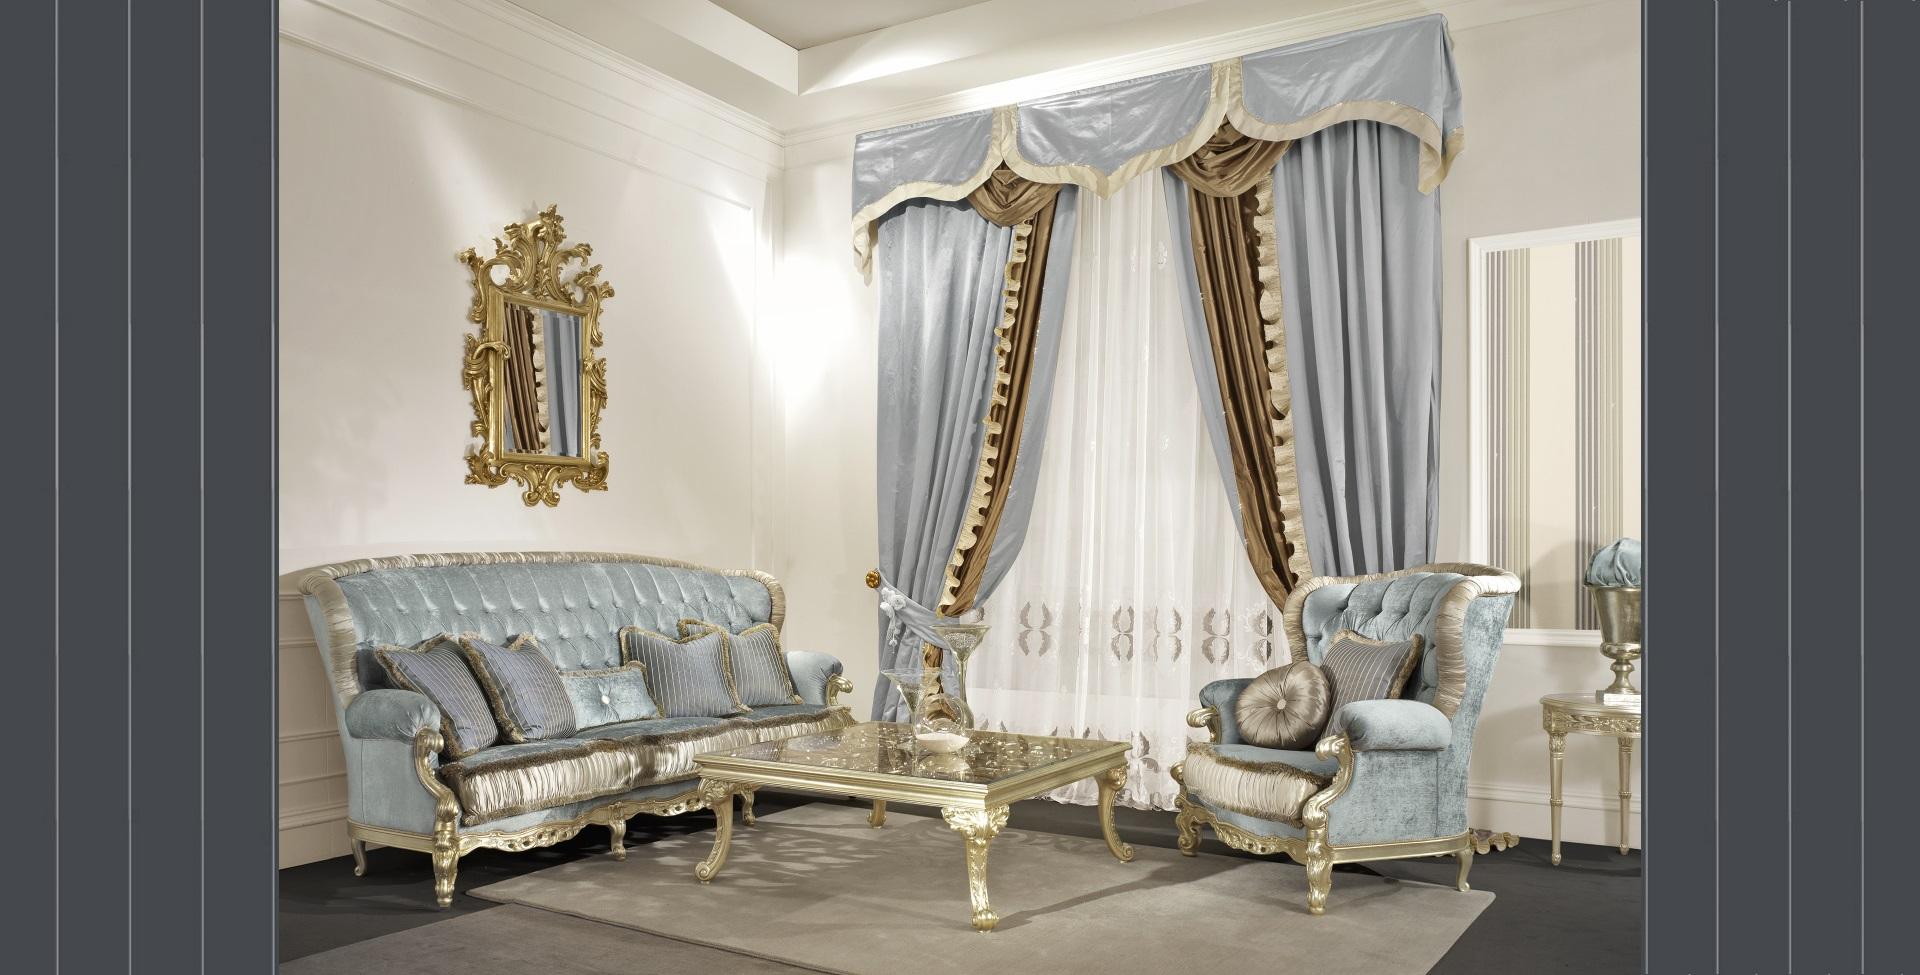 Divani classici di lusso divani in stile for Divani di lusso marche